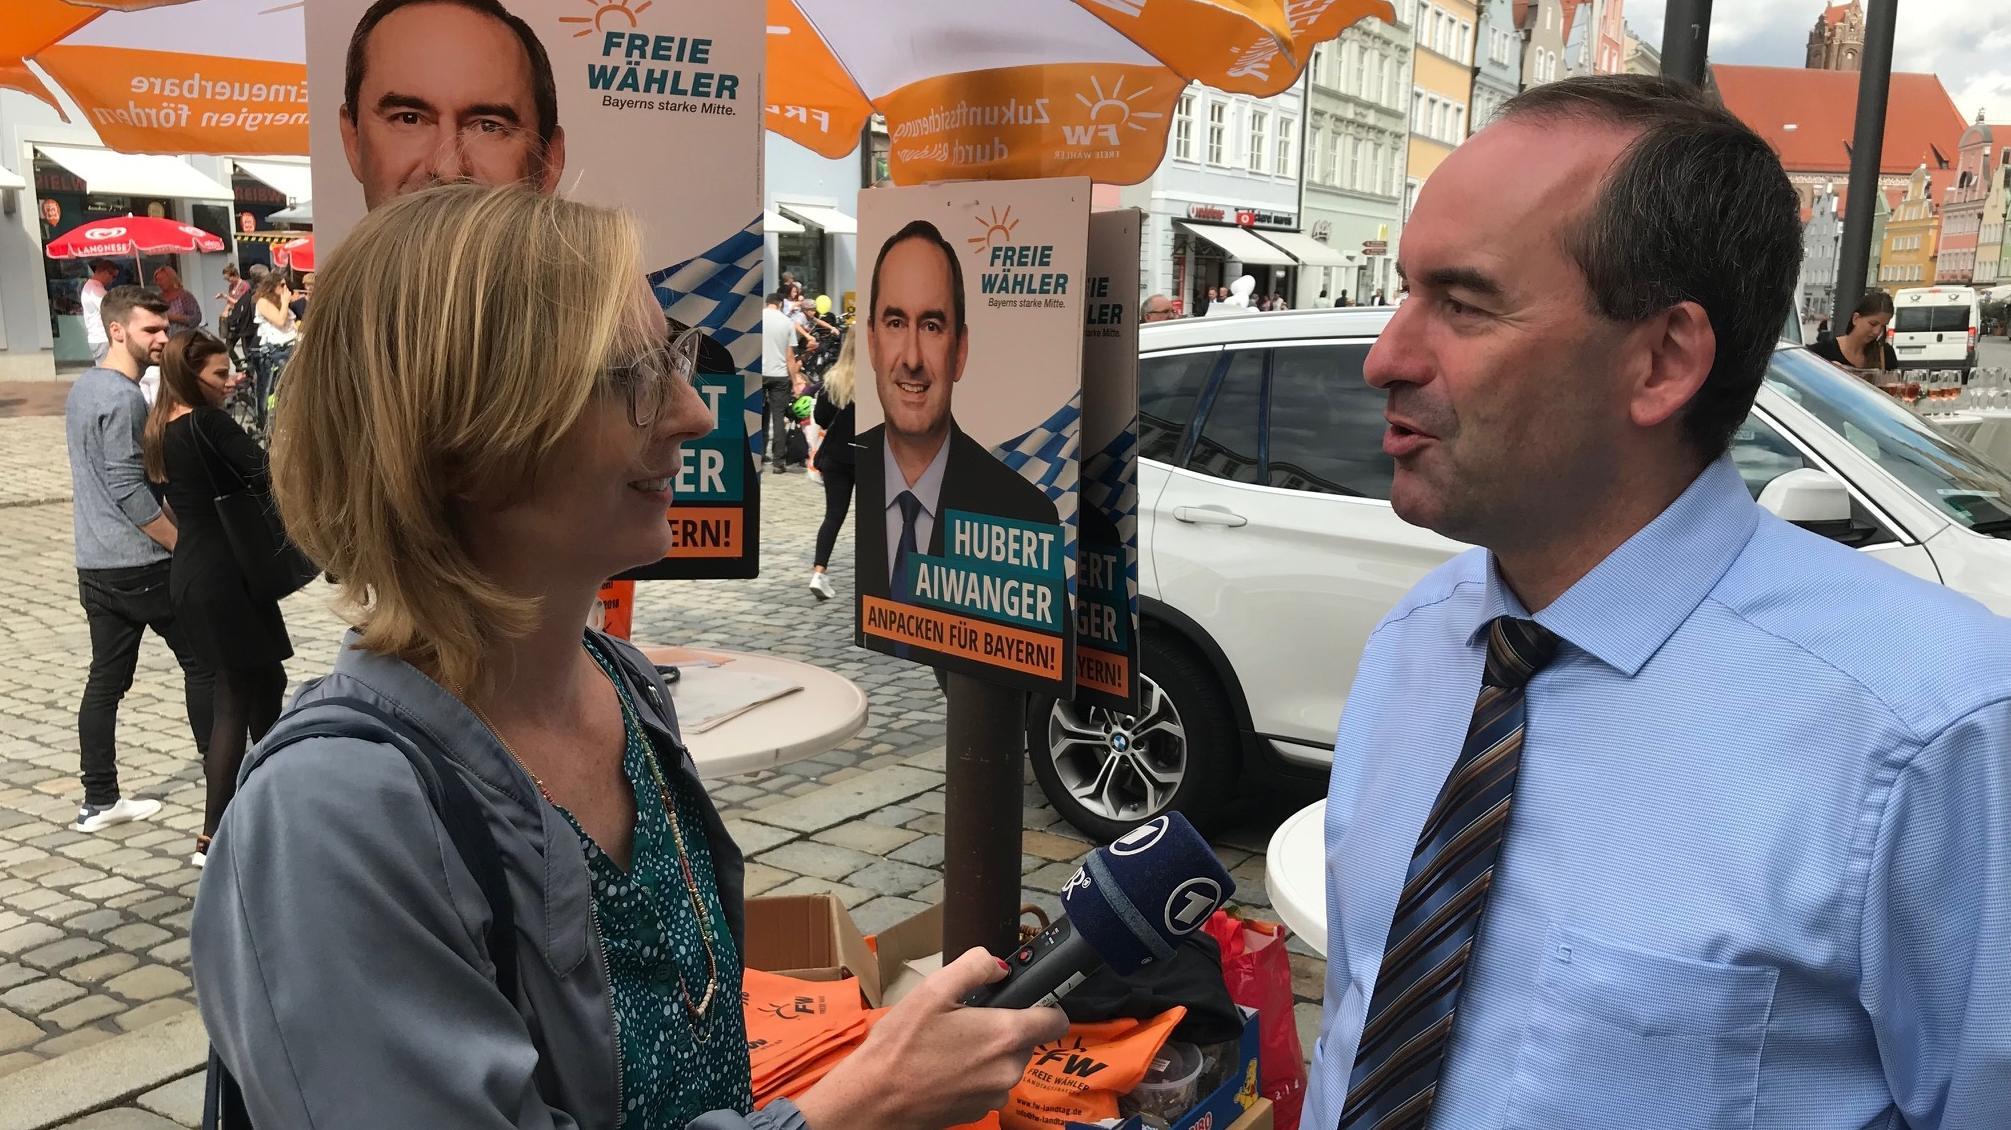 BR-Reporterin Regina Kirschner im Gespräch mit Aiwanger.